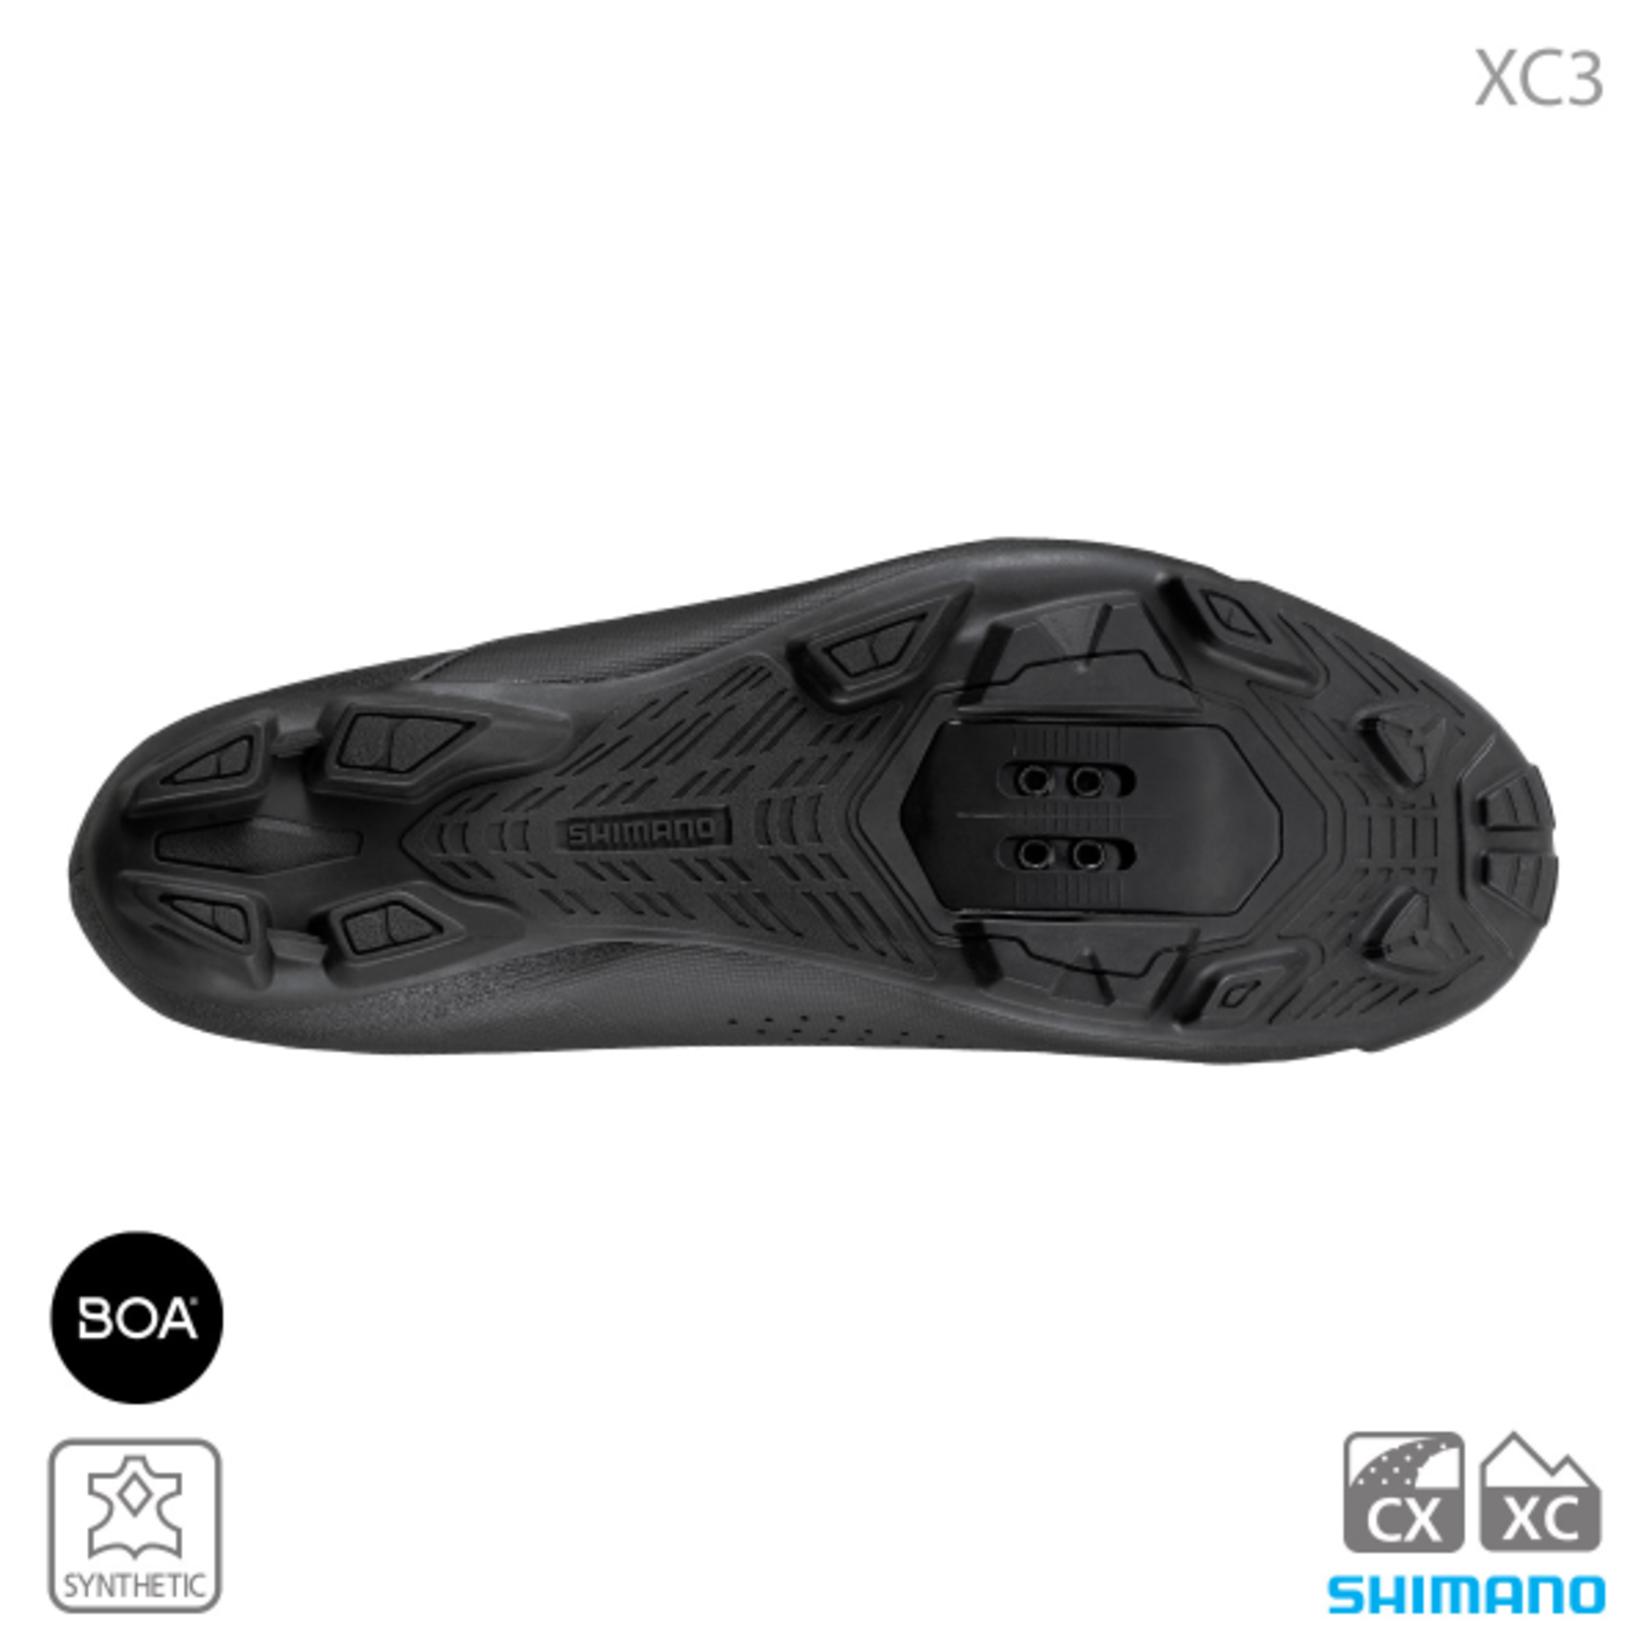 Shimano XC300 MTB Shoe MY21